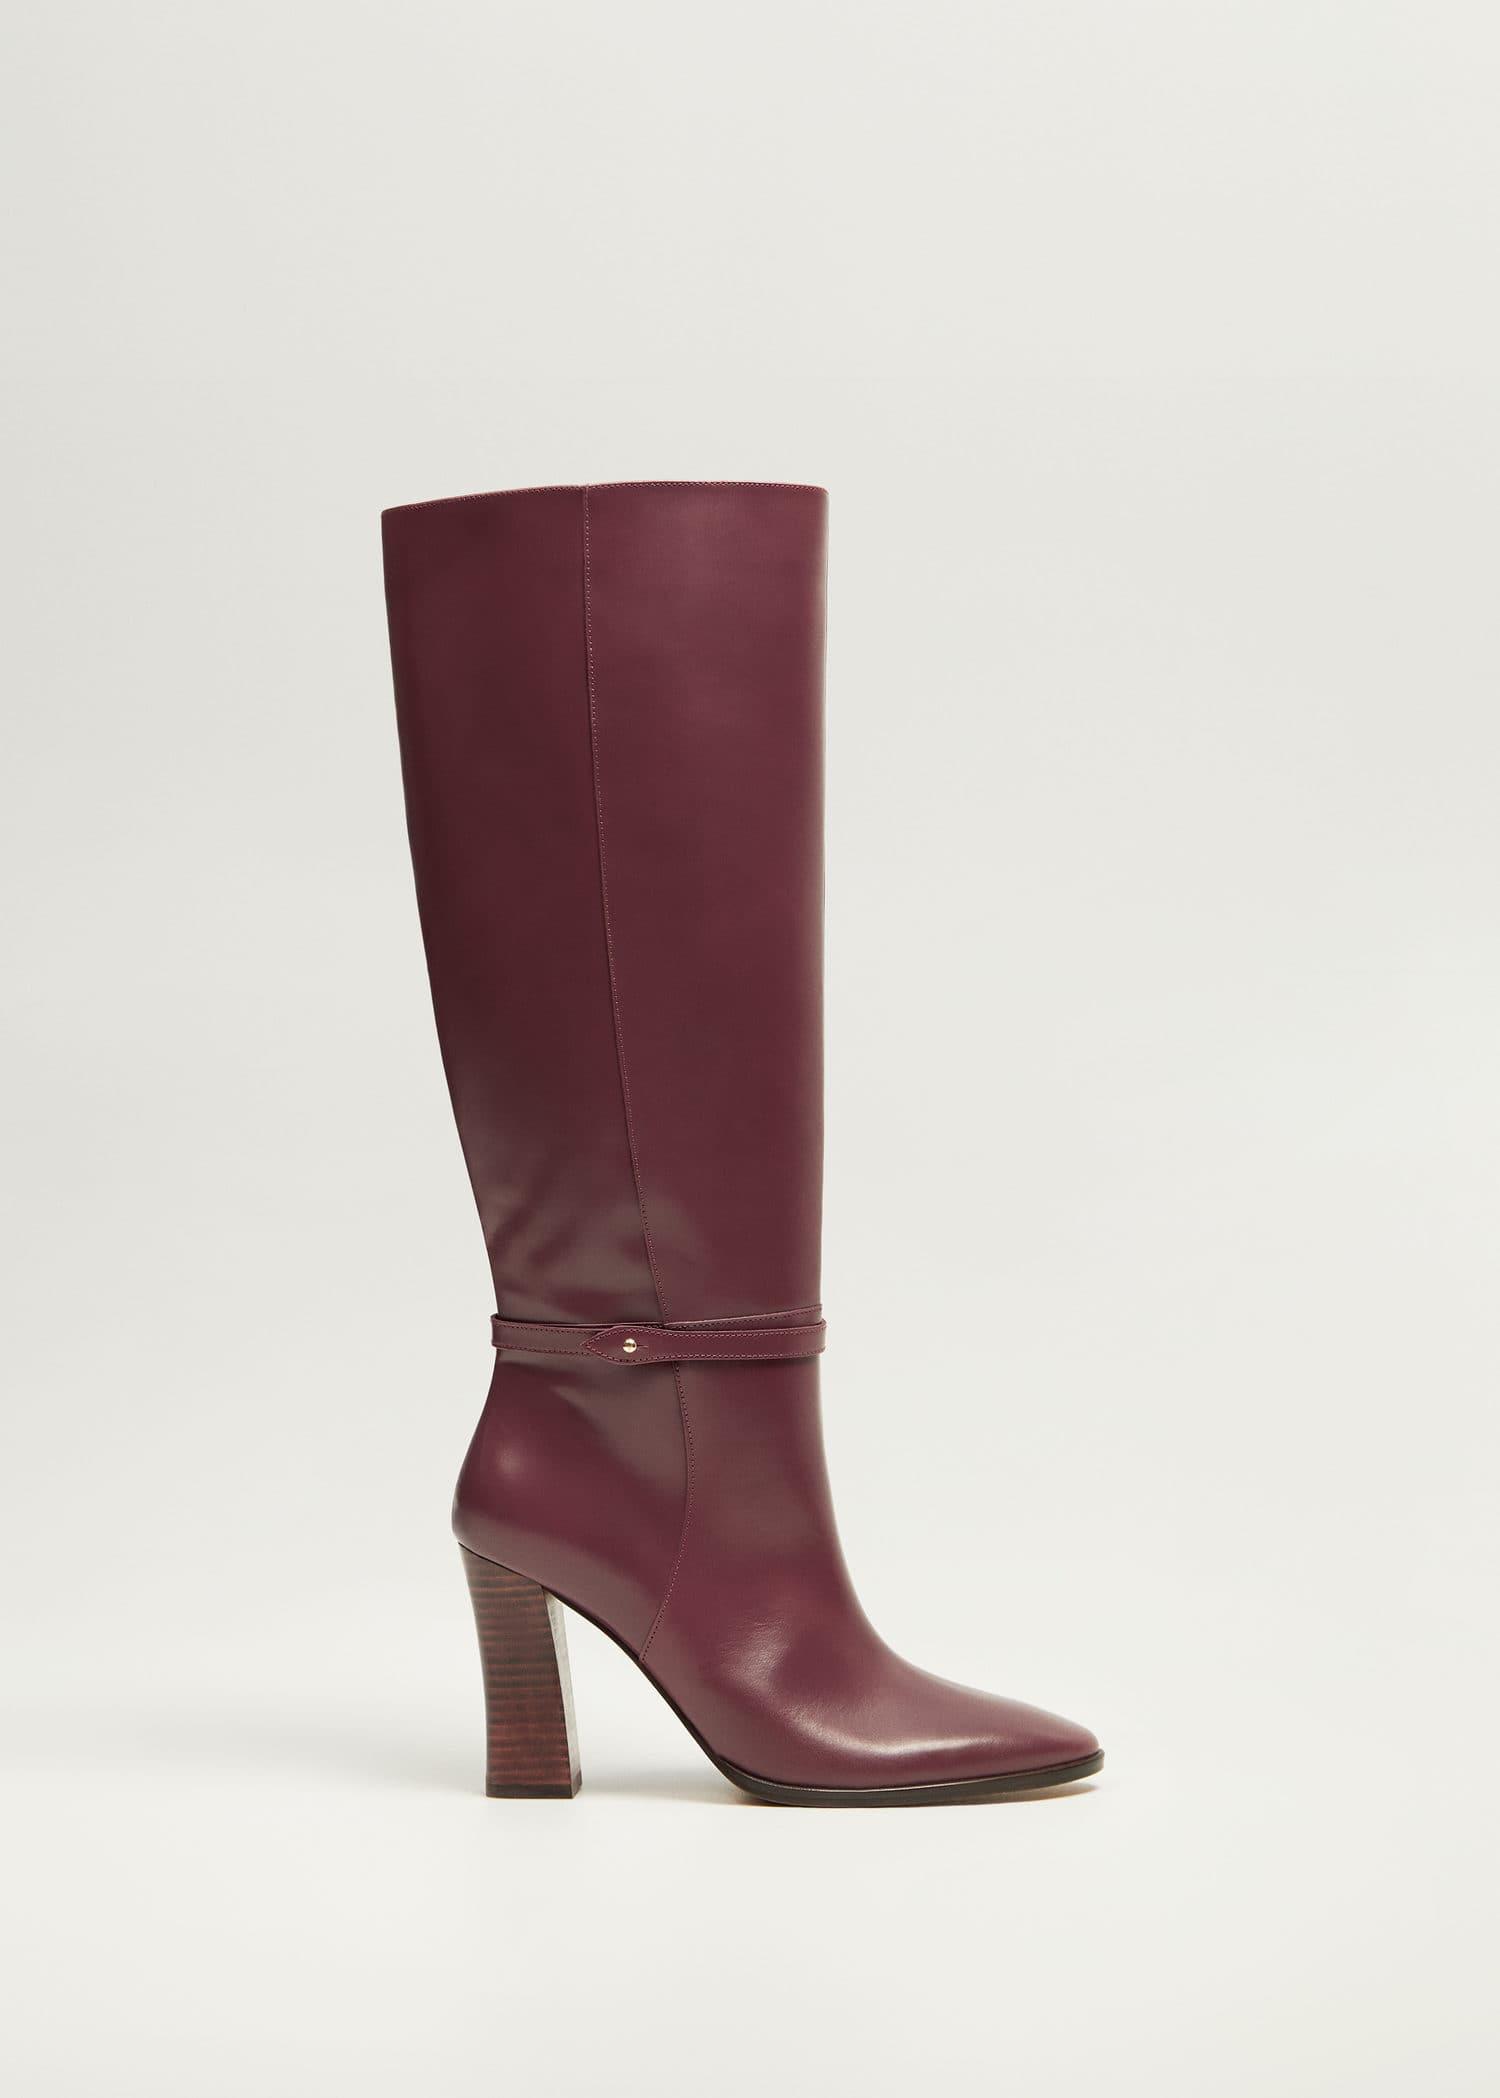 new product 700a0 8c9b0 Schuhe für Damen 2019 | Mango Deutschland